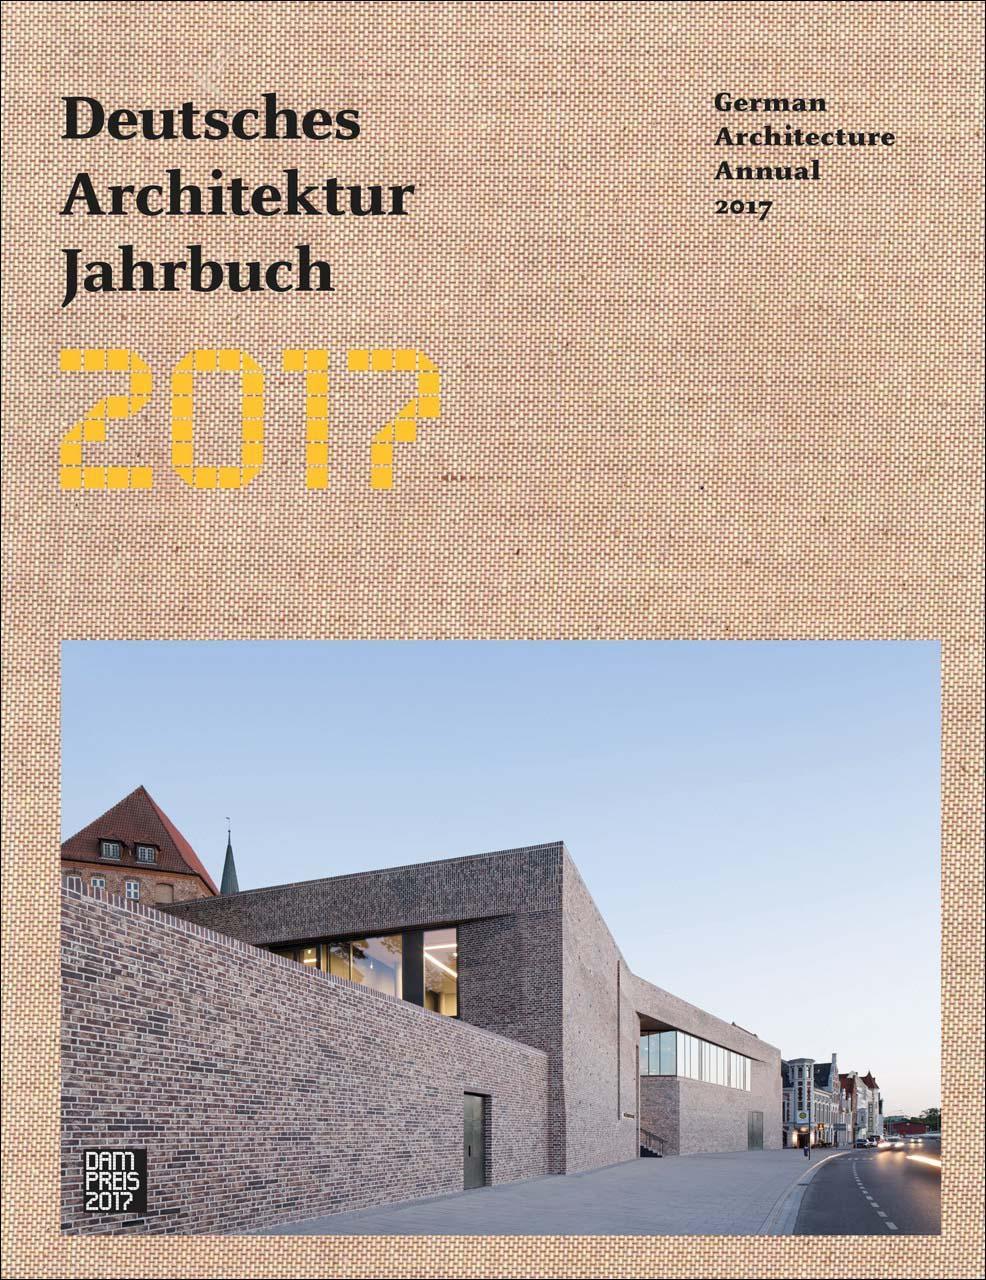 Deutsches architektur jahrbuch 2017 medienservice for Architektur 2017